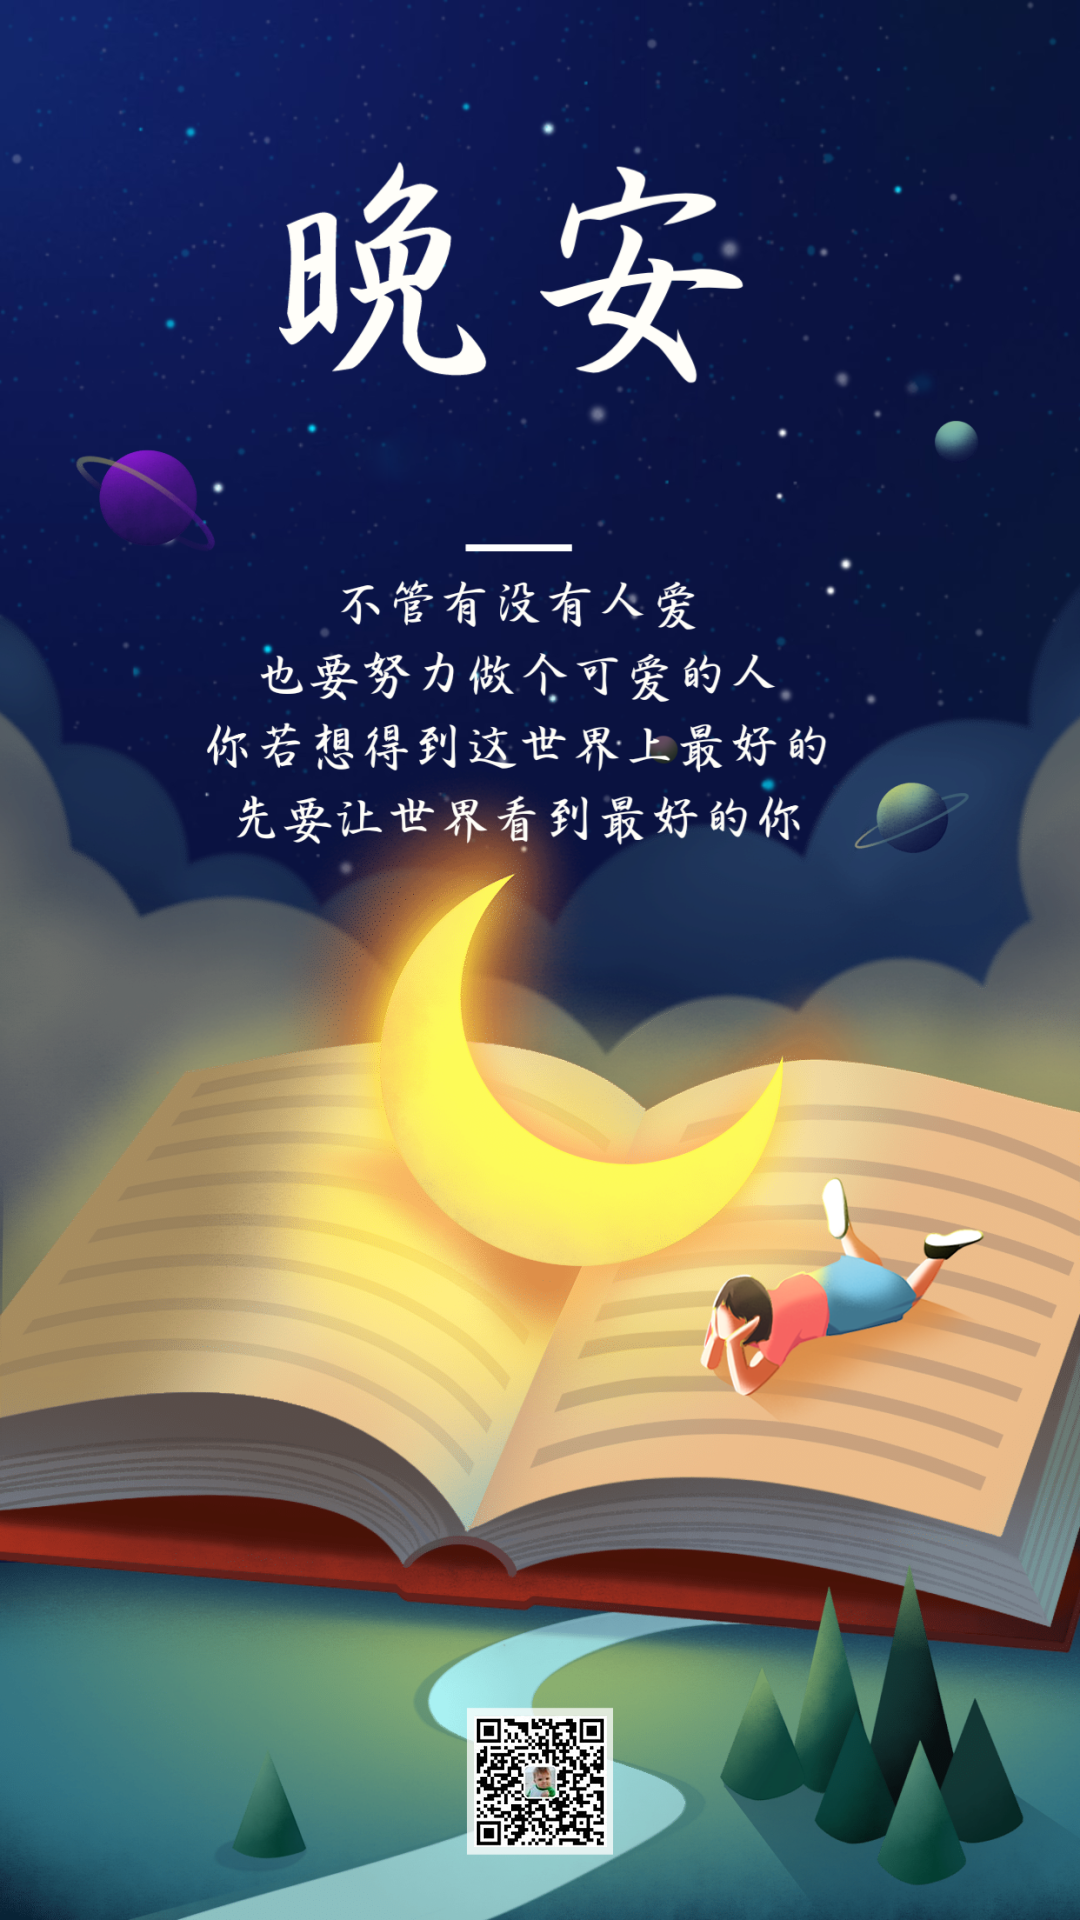 晚安心语,温柔又闪光的文案说说,精美插画图片